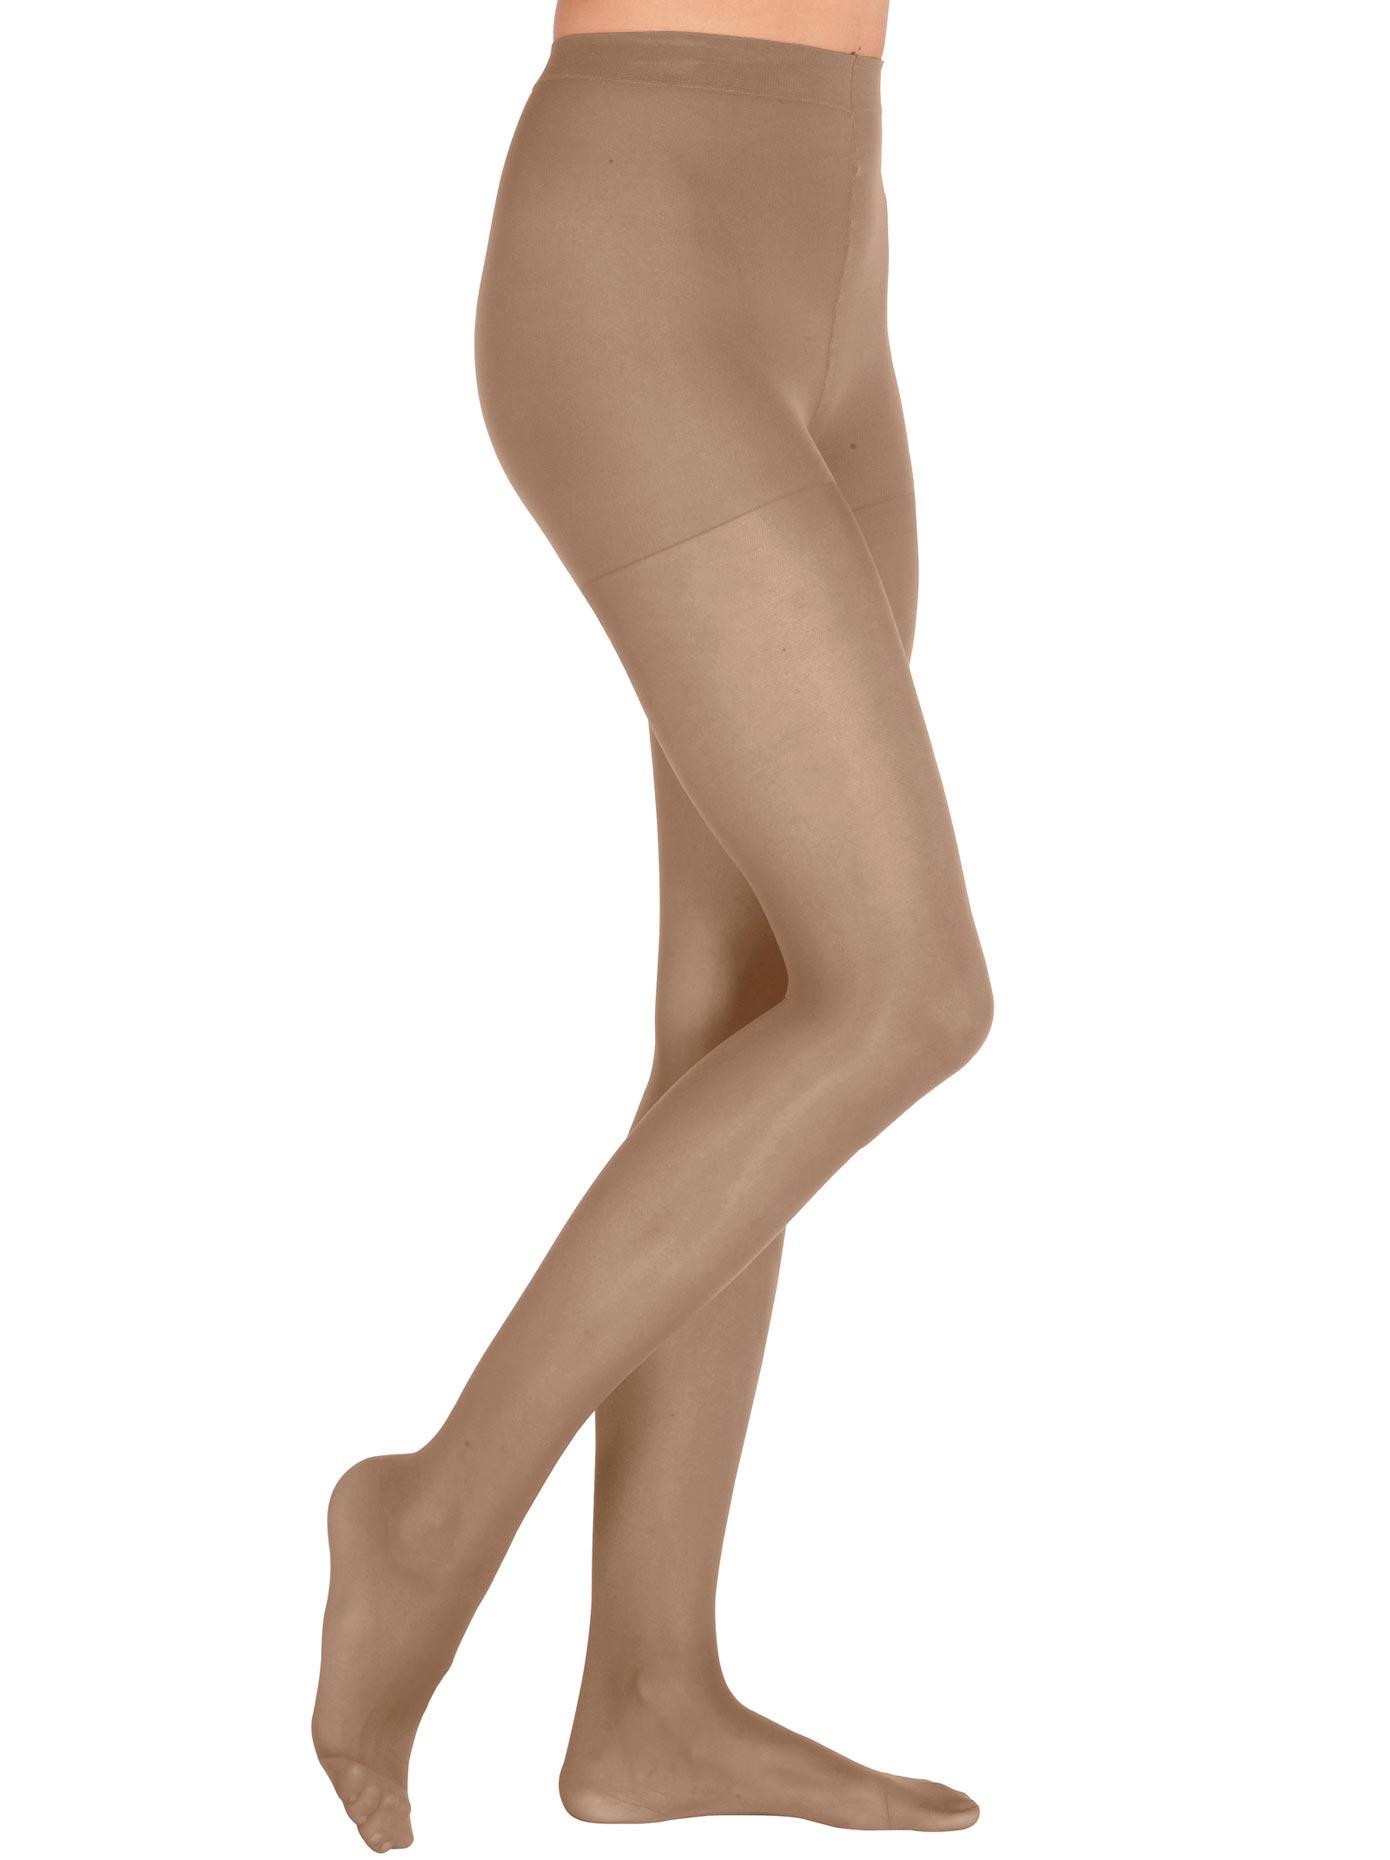 disée Stützstrumpfhose braun Damen Stützstrumpfhosen Strumpfhosen